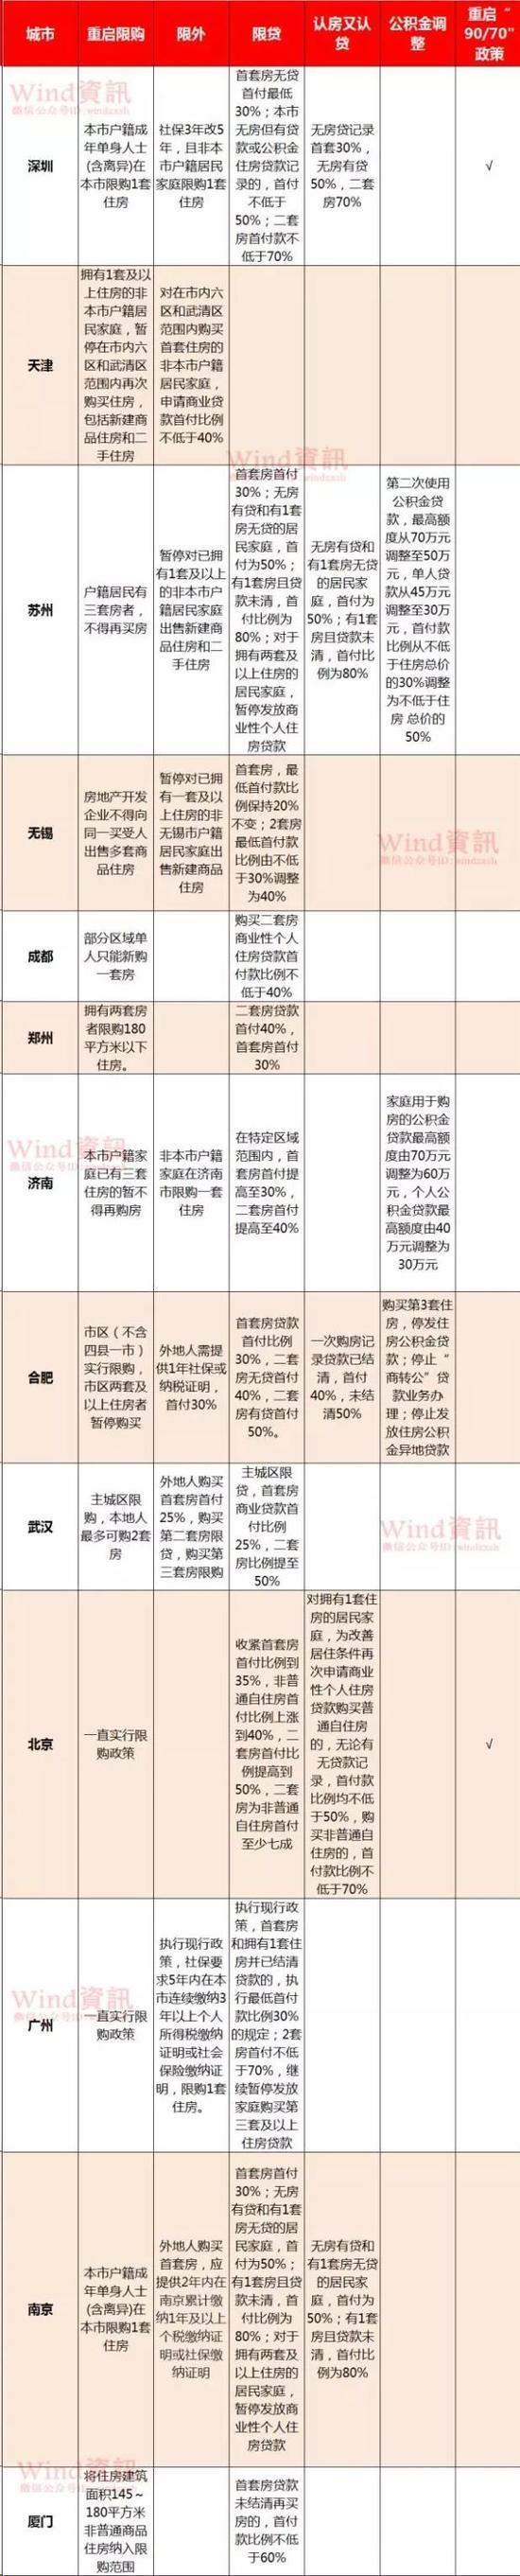 2018年香港全年资料